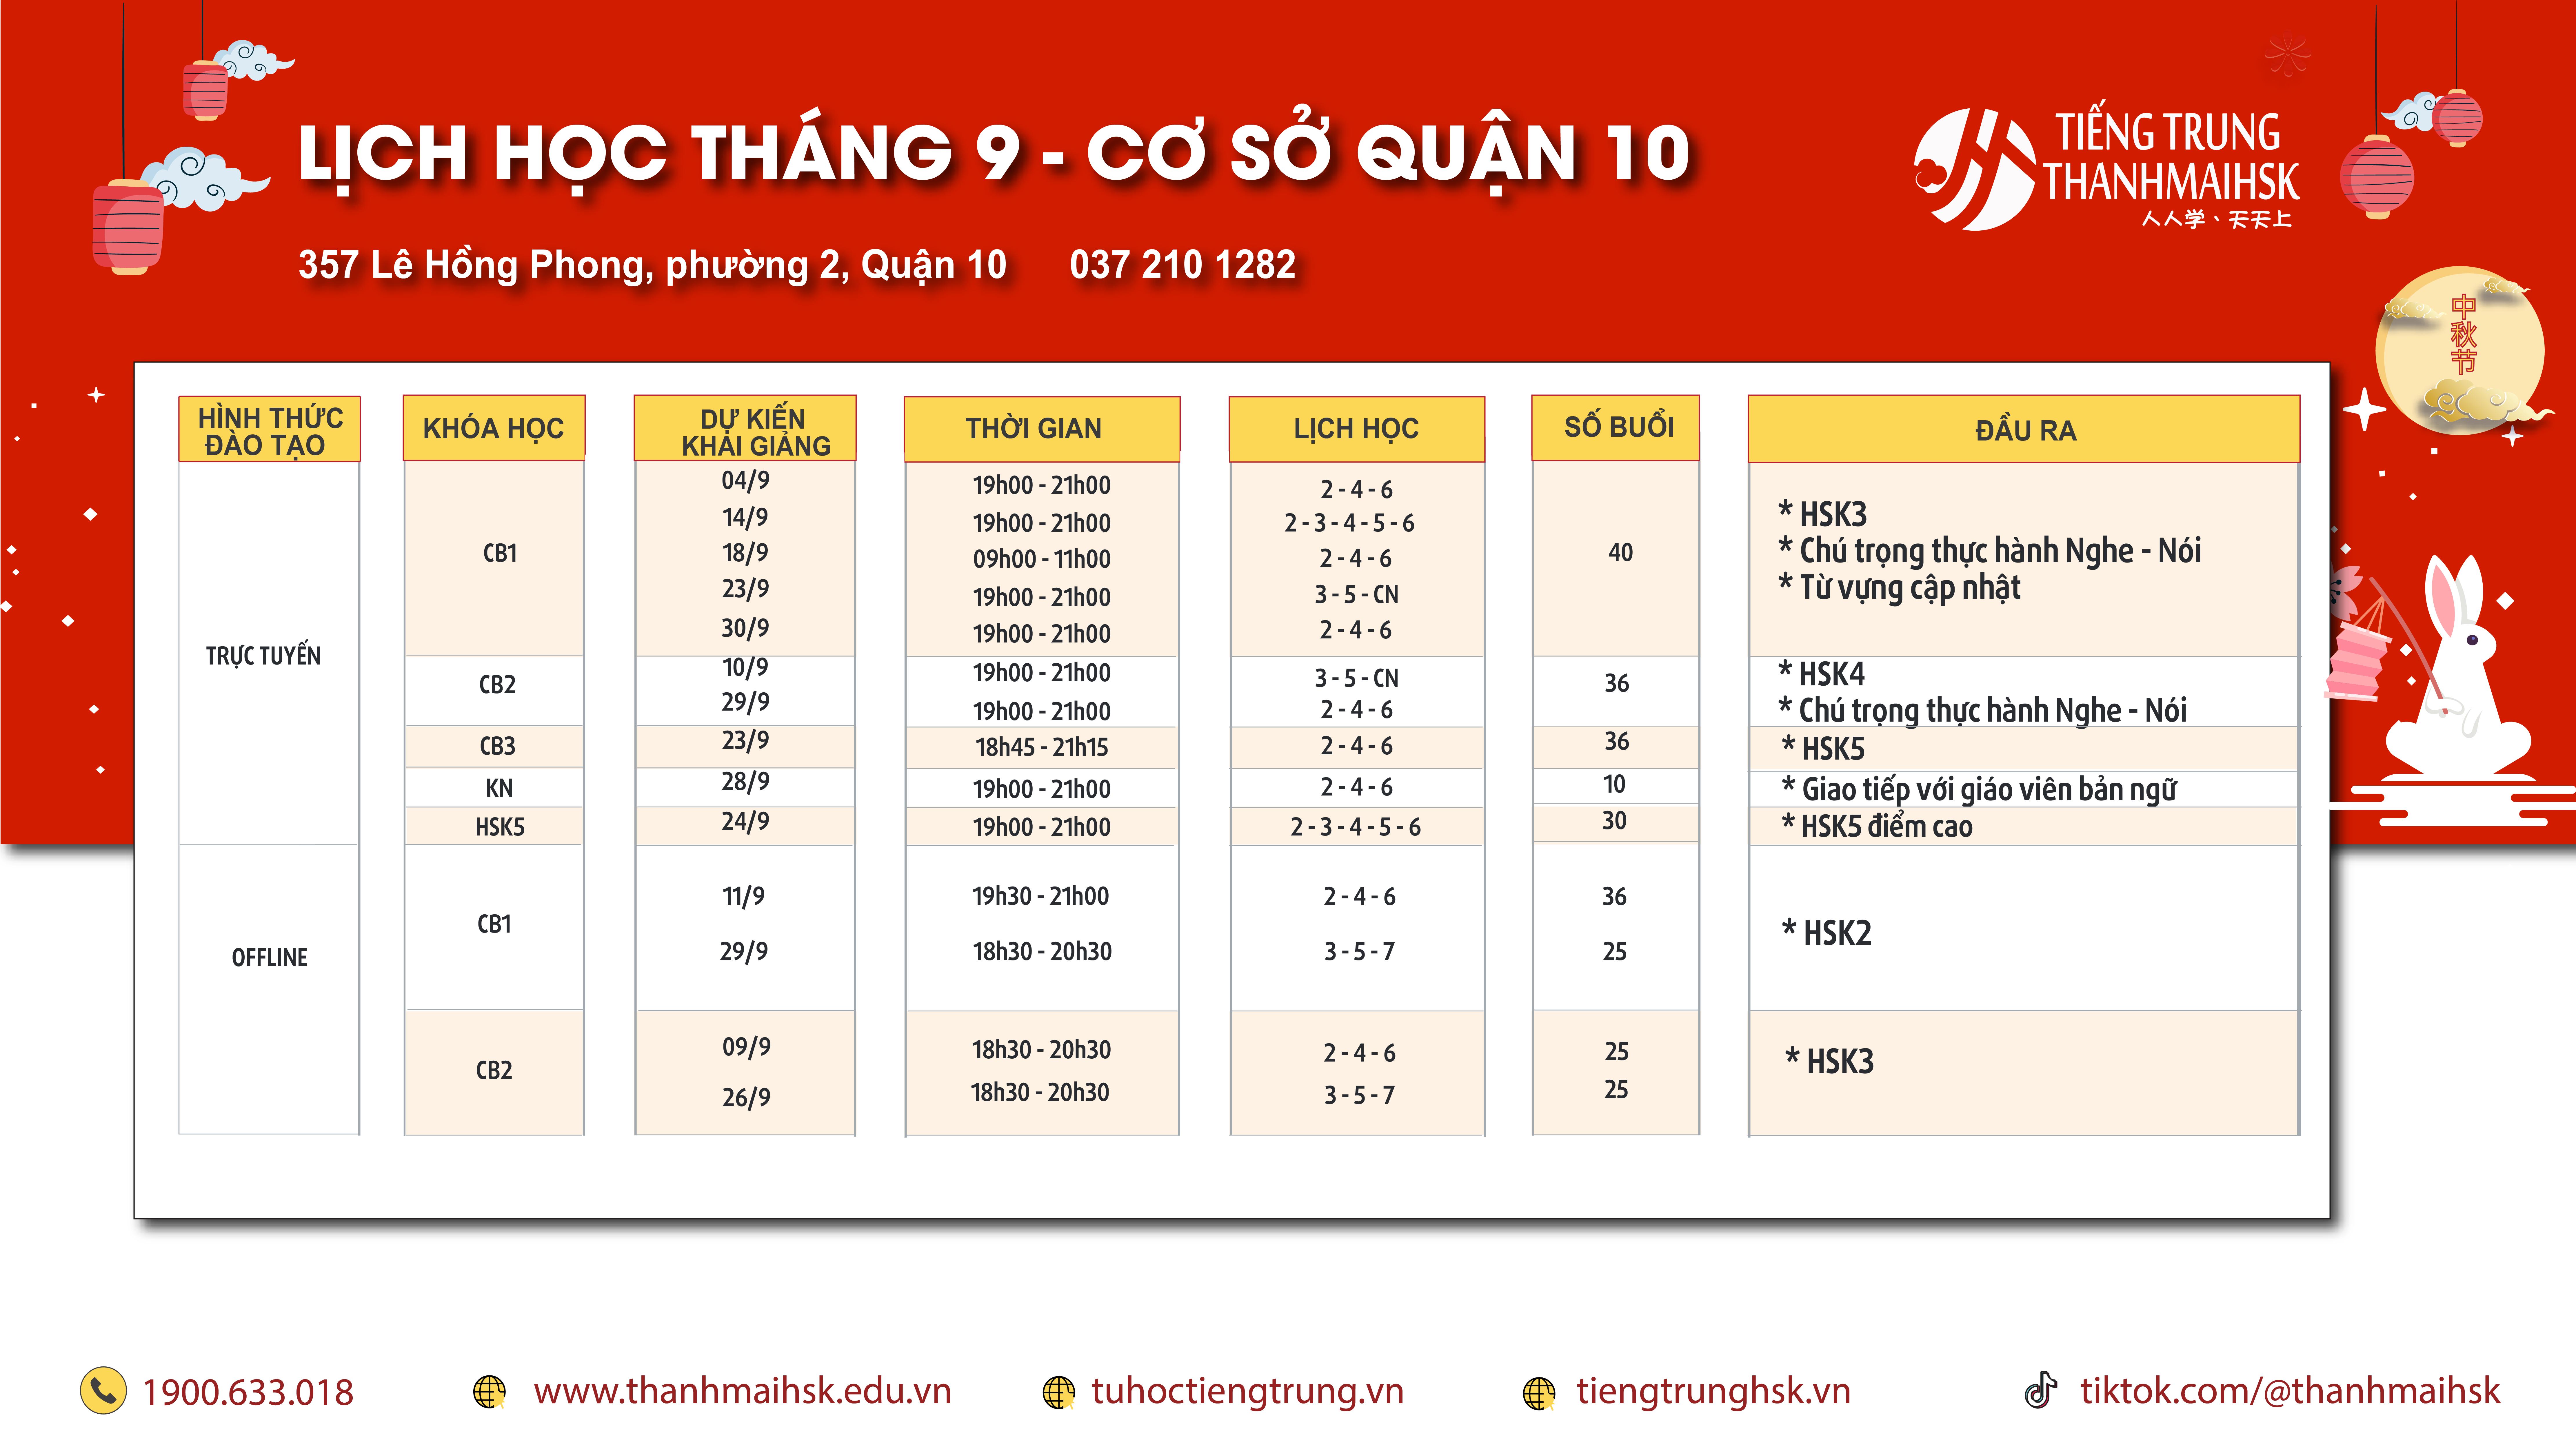 Lịch khai giảng lớp Tiếng Trung cơ sở Quận 10 – HCM Tháng 9/2020